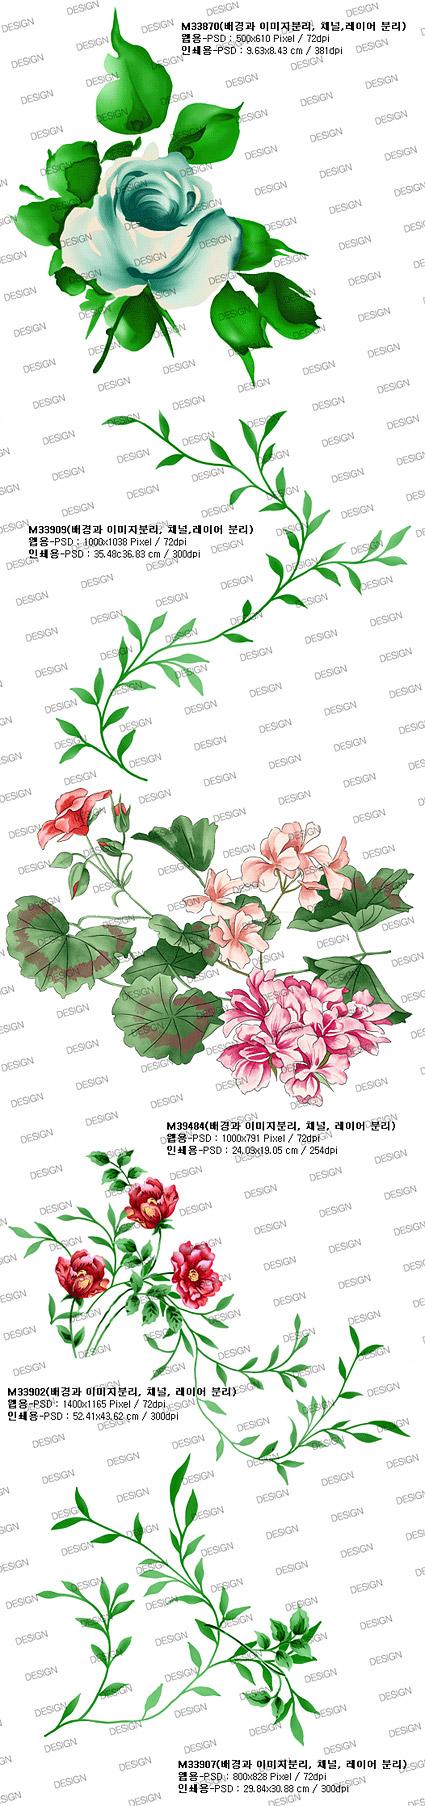 ファッションの花し、葉の層状 psd の素材